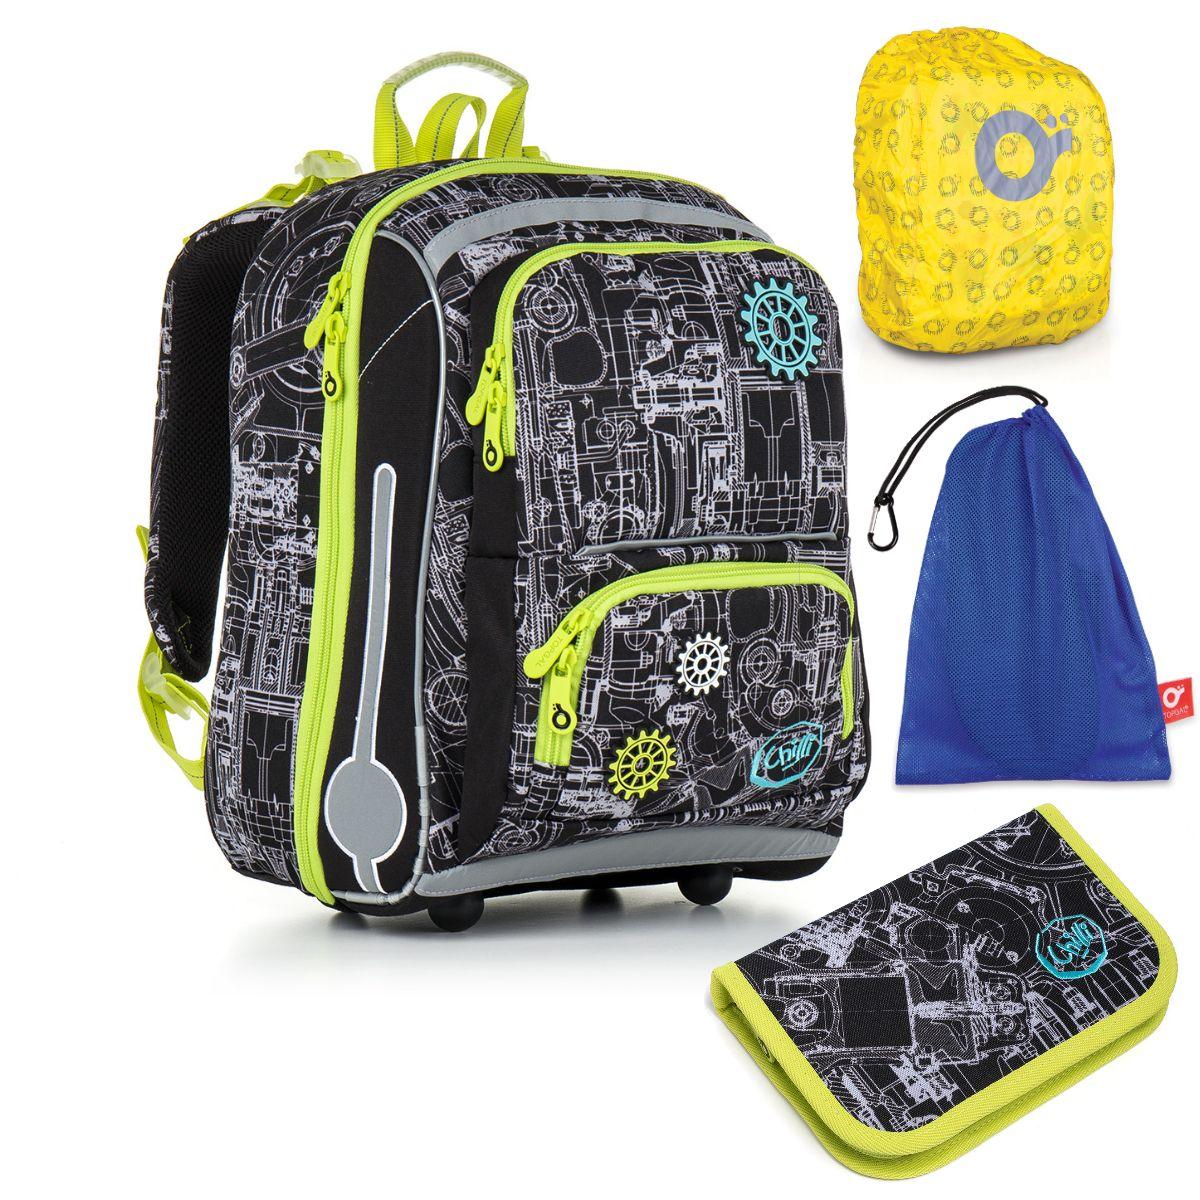 Topgal Topgal školní batoh pro prvňáčky sada pro školáka CHI 785 A SET LARGE